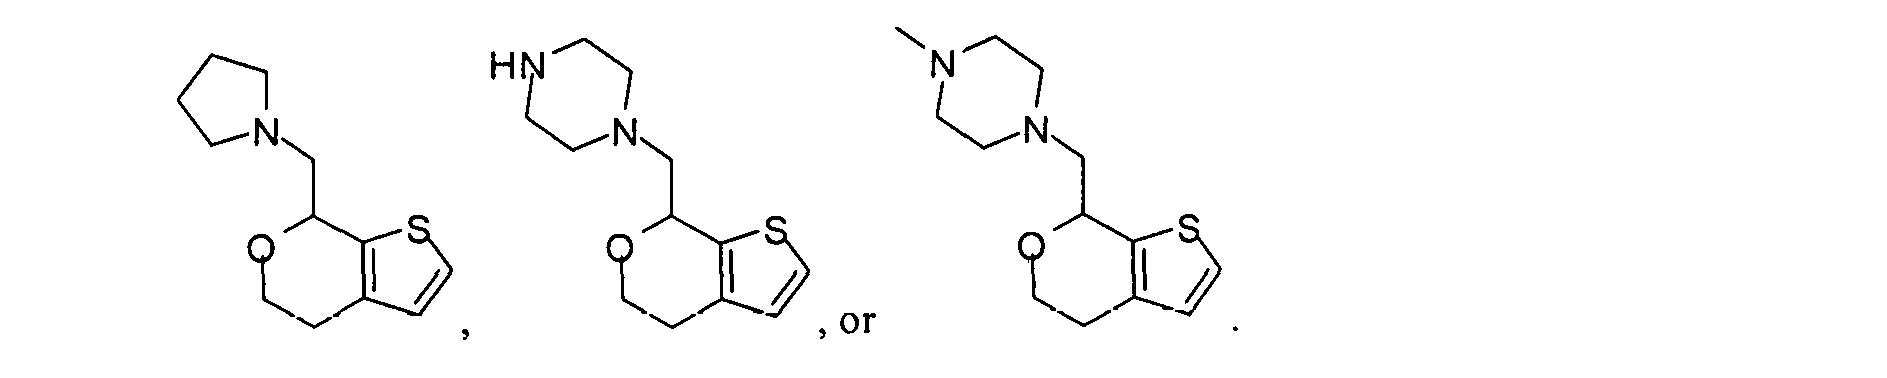 Figure imgf000163_0003